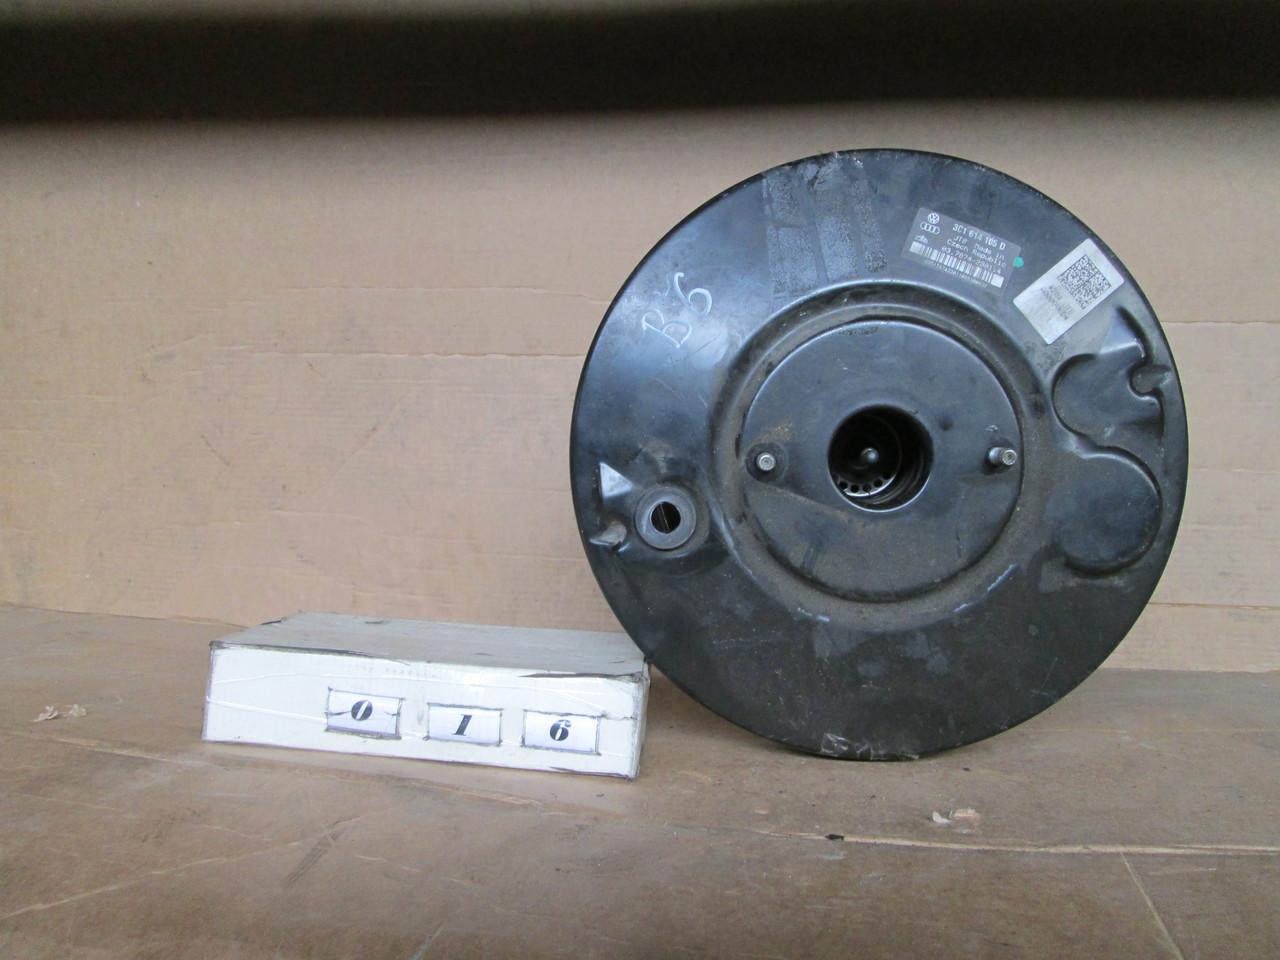 №16 Б/у Вакуумний підсилювач гальм 3C1614105D для VW Passat B6 2005-2010